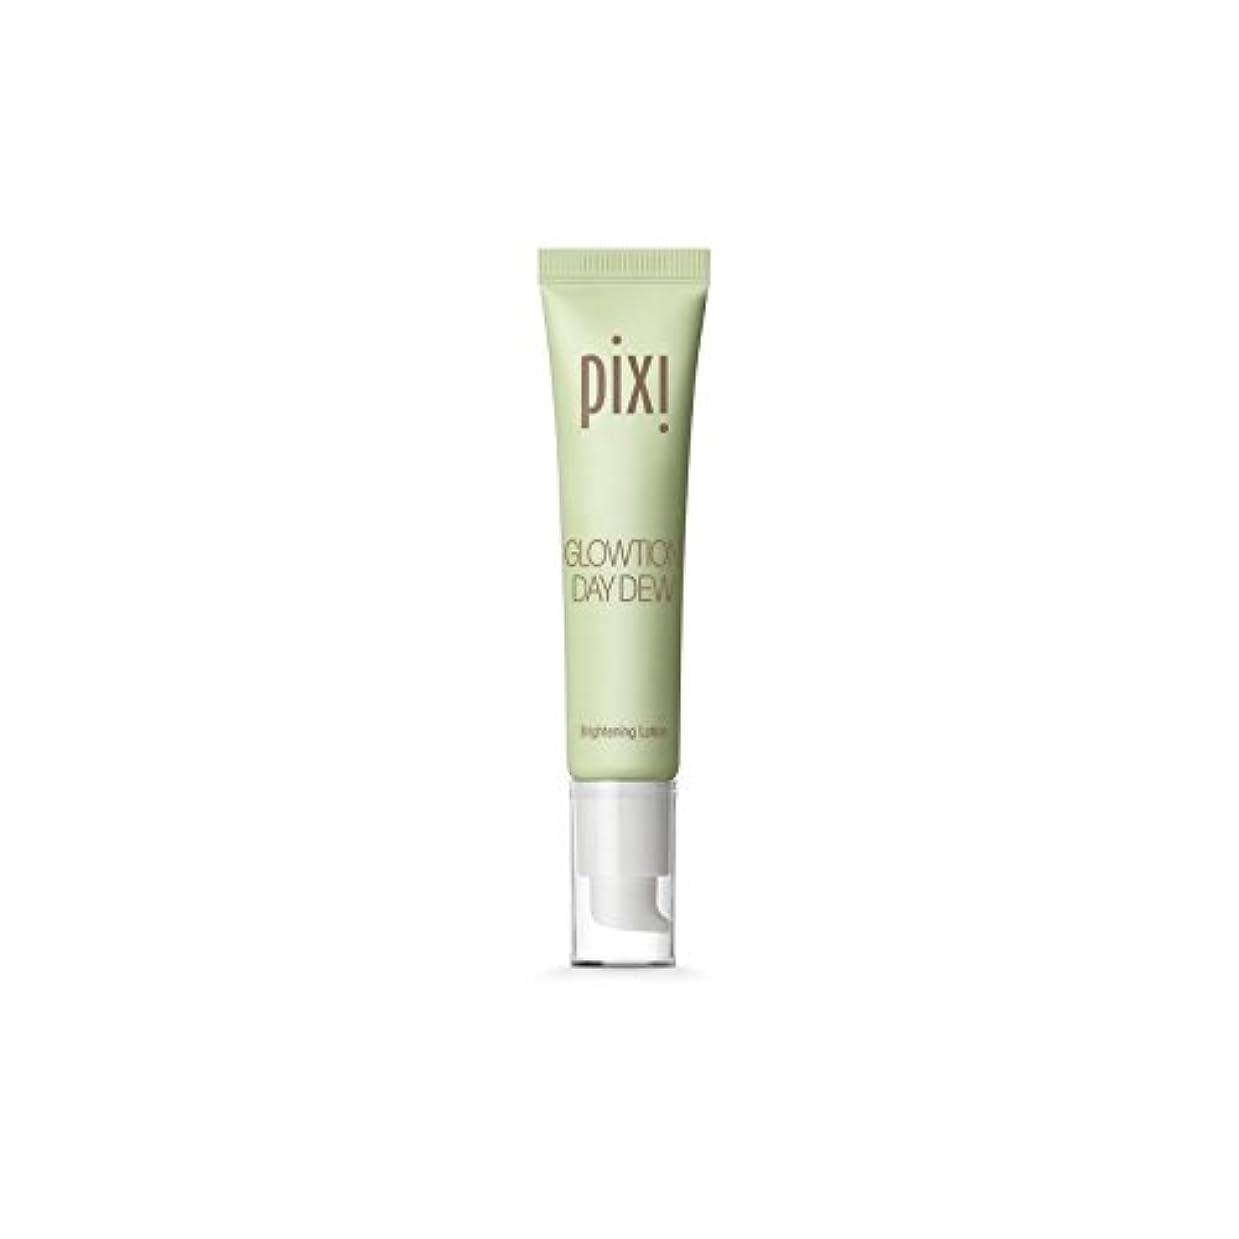 合理化レンダーディレクトリ日露 x2 - Pixi Pixi Glowtion Day Dew (Pack of 2) [並行輸入品]